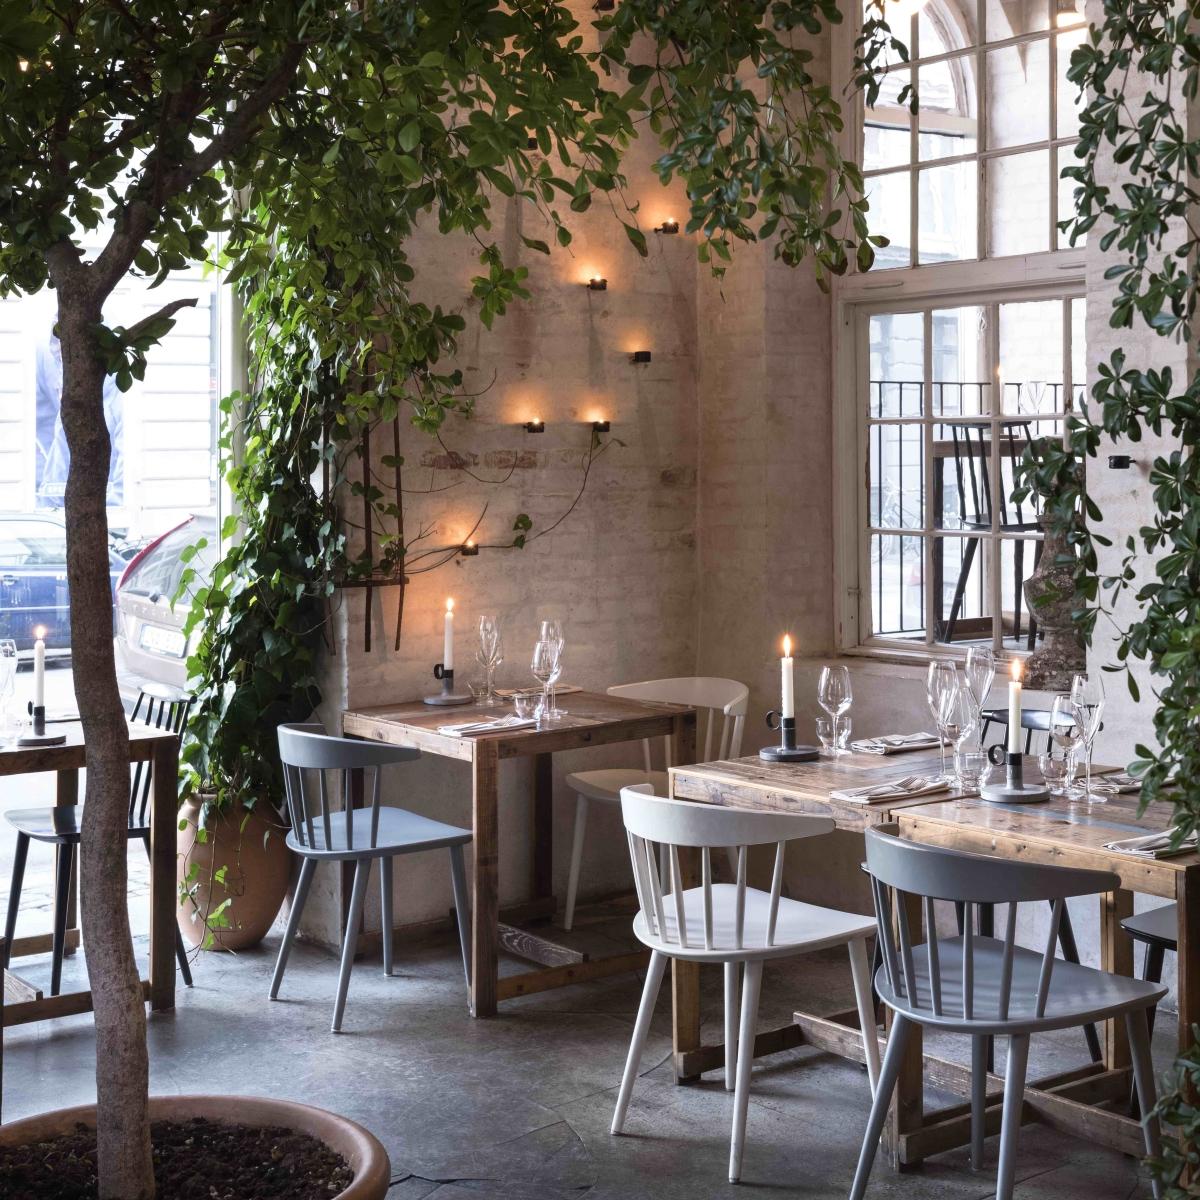 Høst_Restaurant in Kopenhagen_Inneneinrichtung